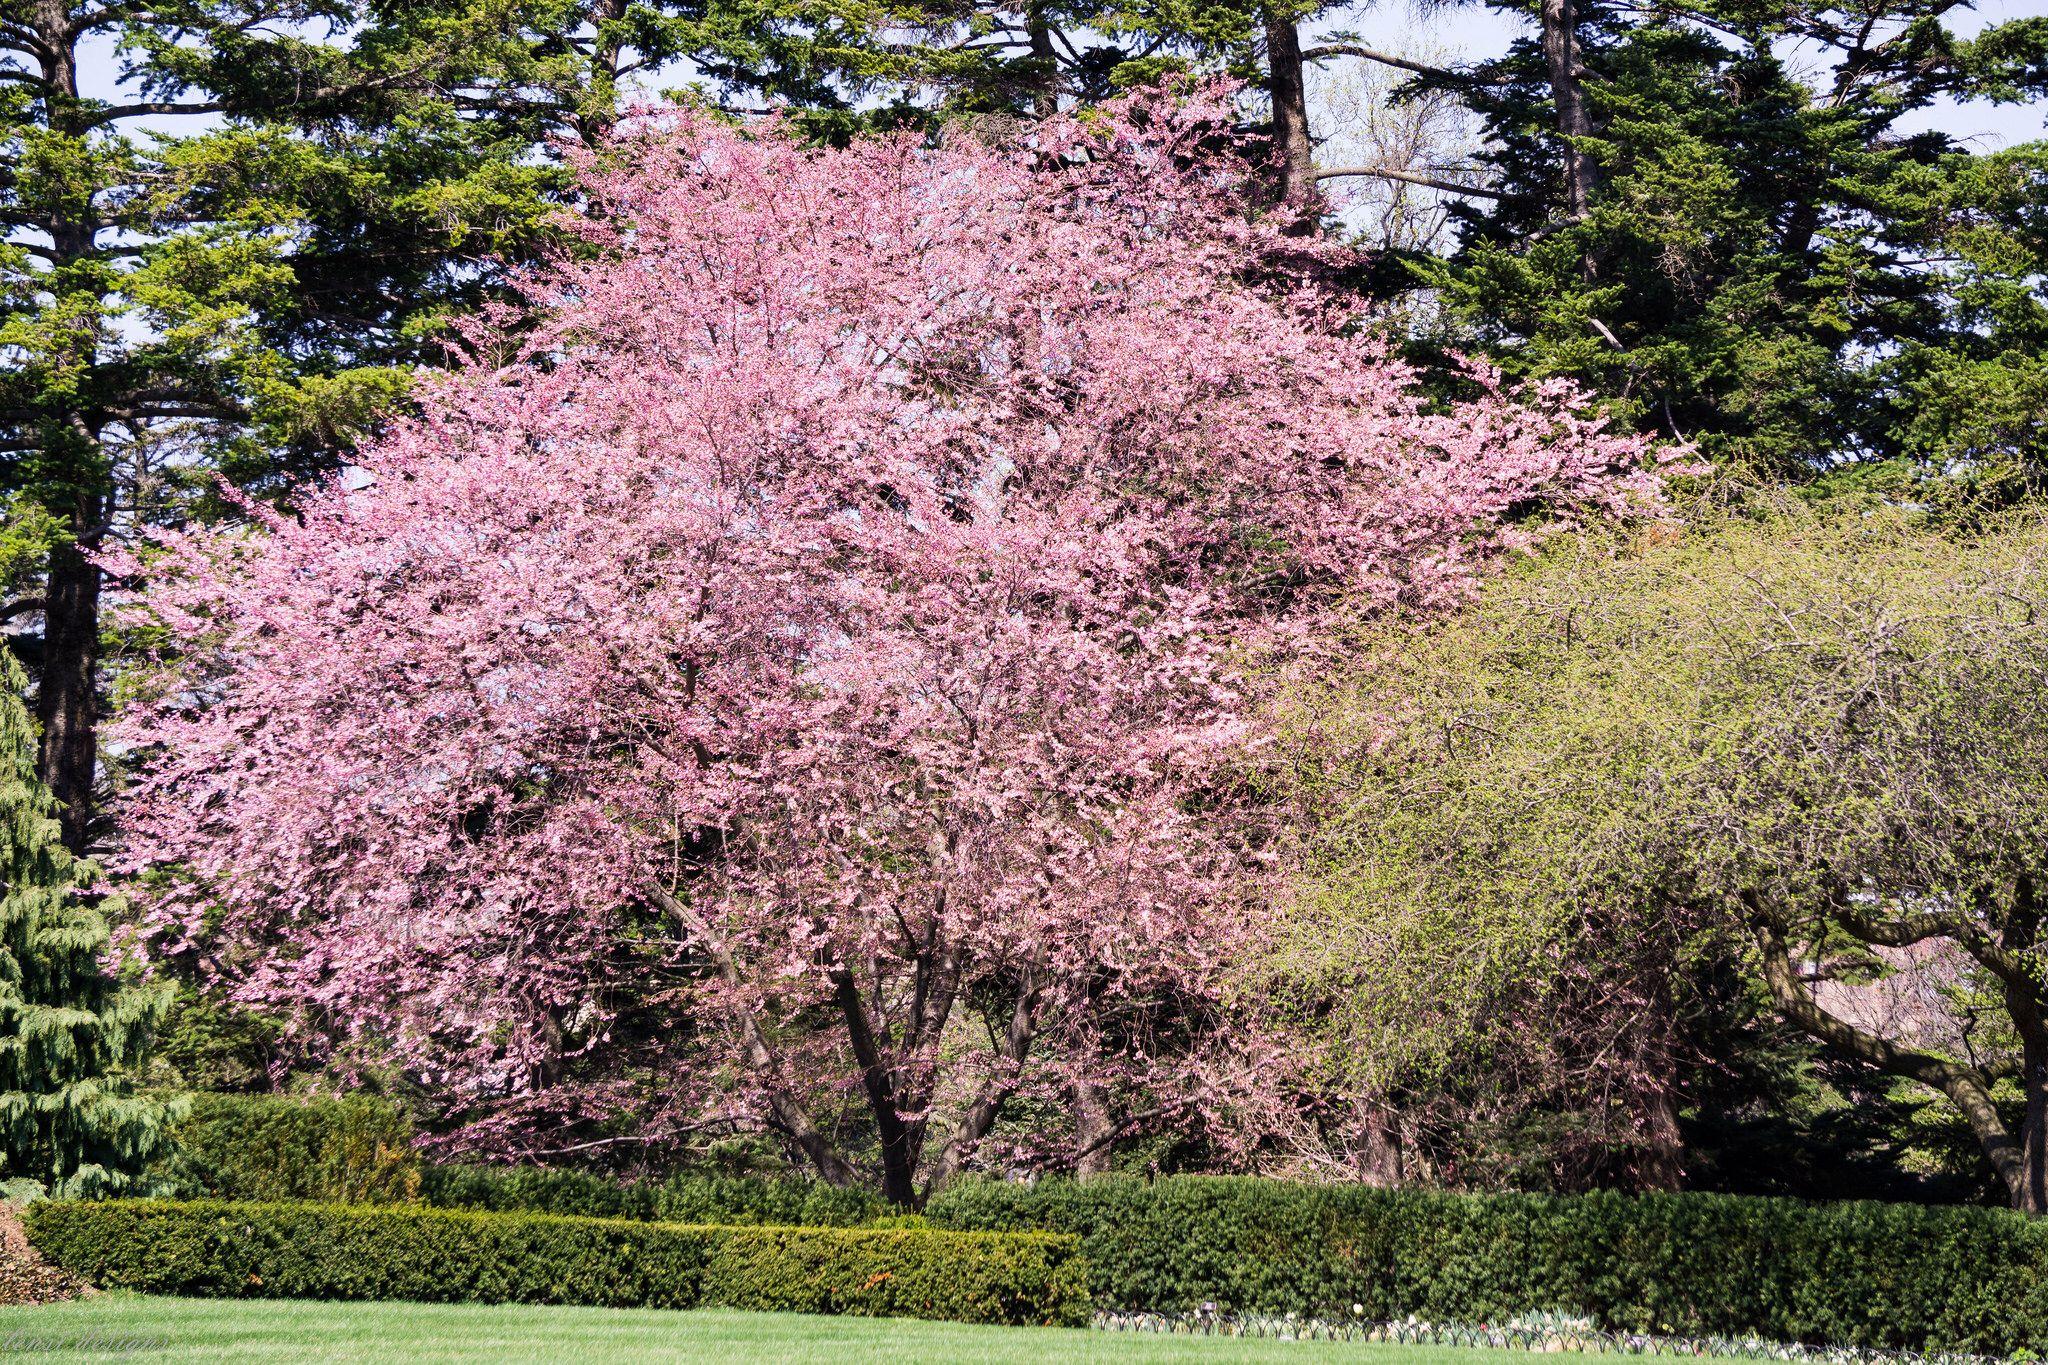 Prunus Accolade Flowering Cherry Garden Trees Ornamental Trees Prunus